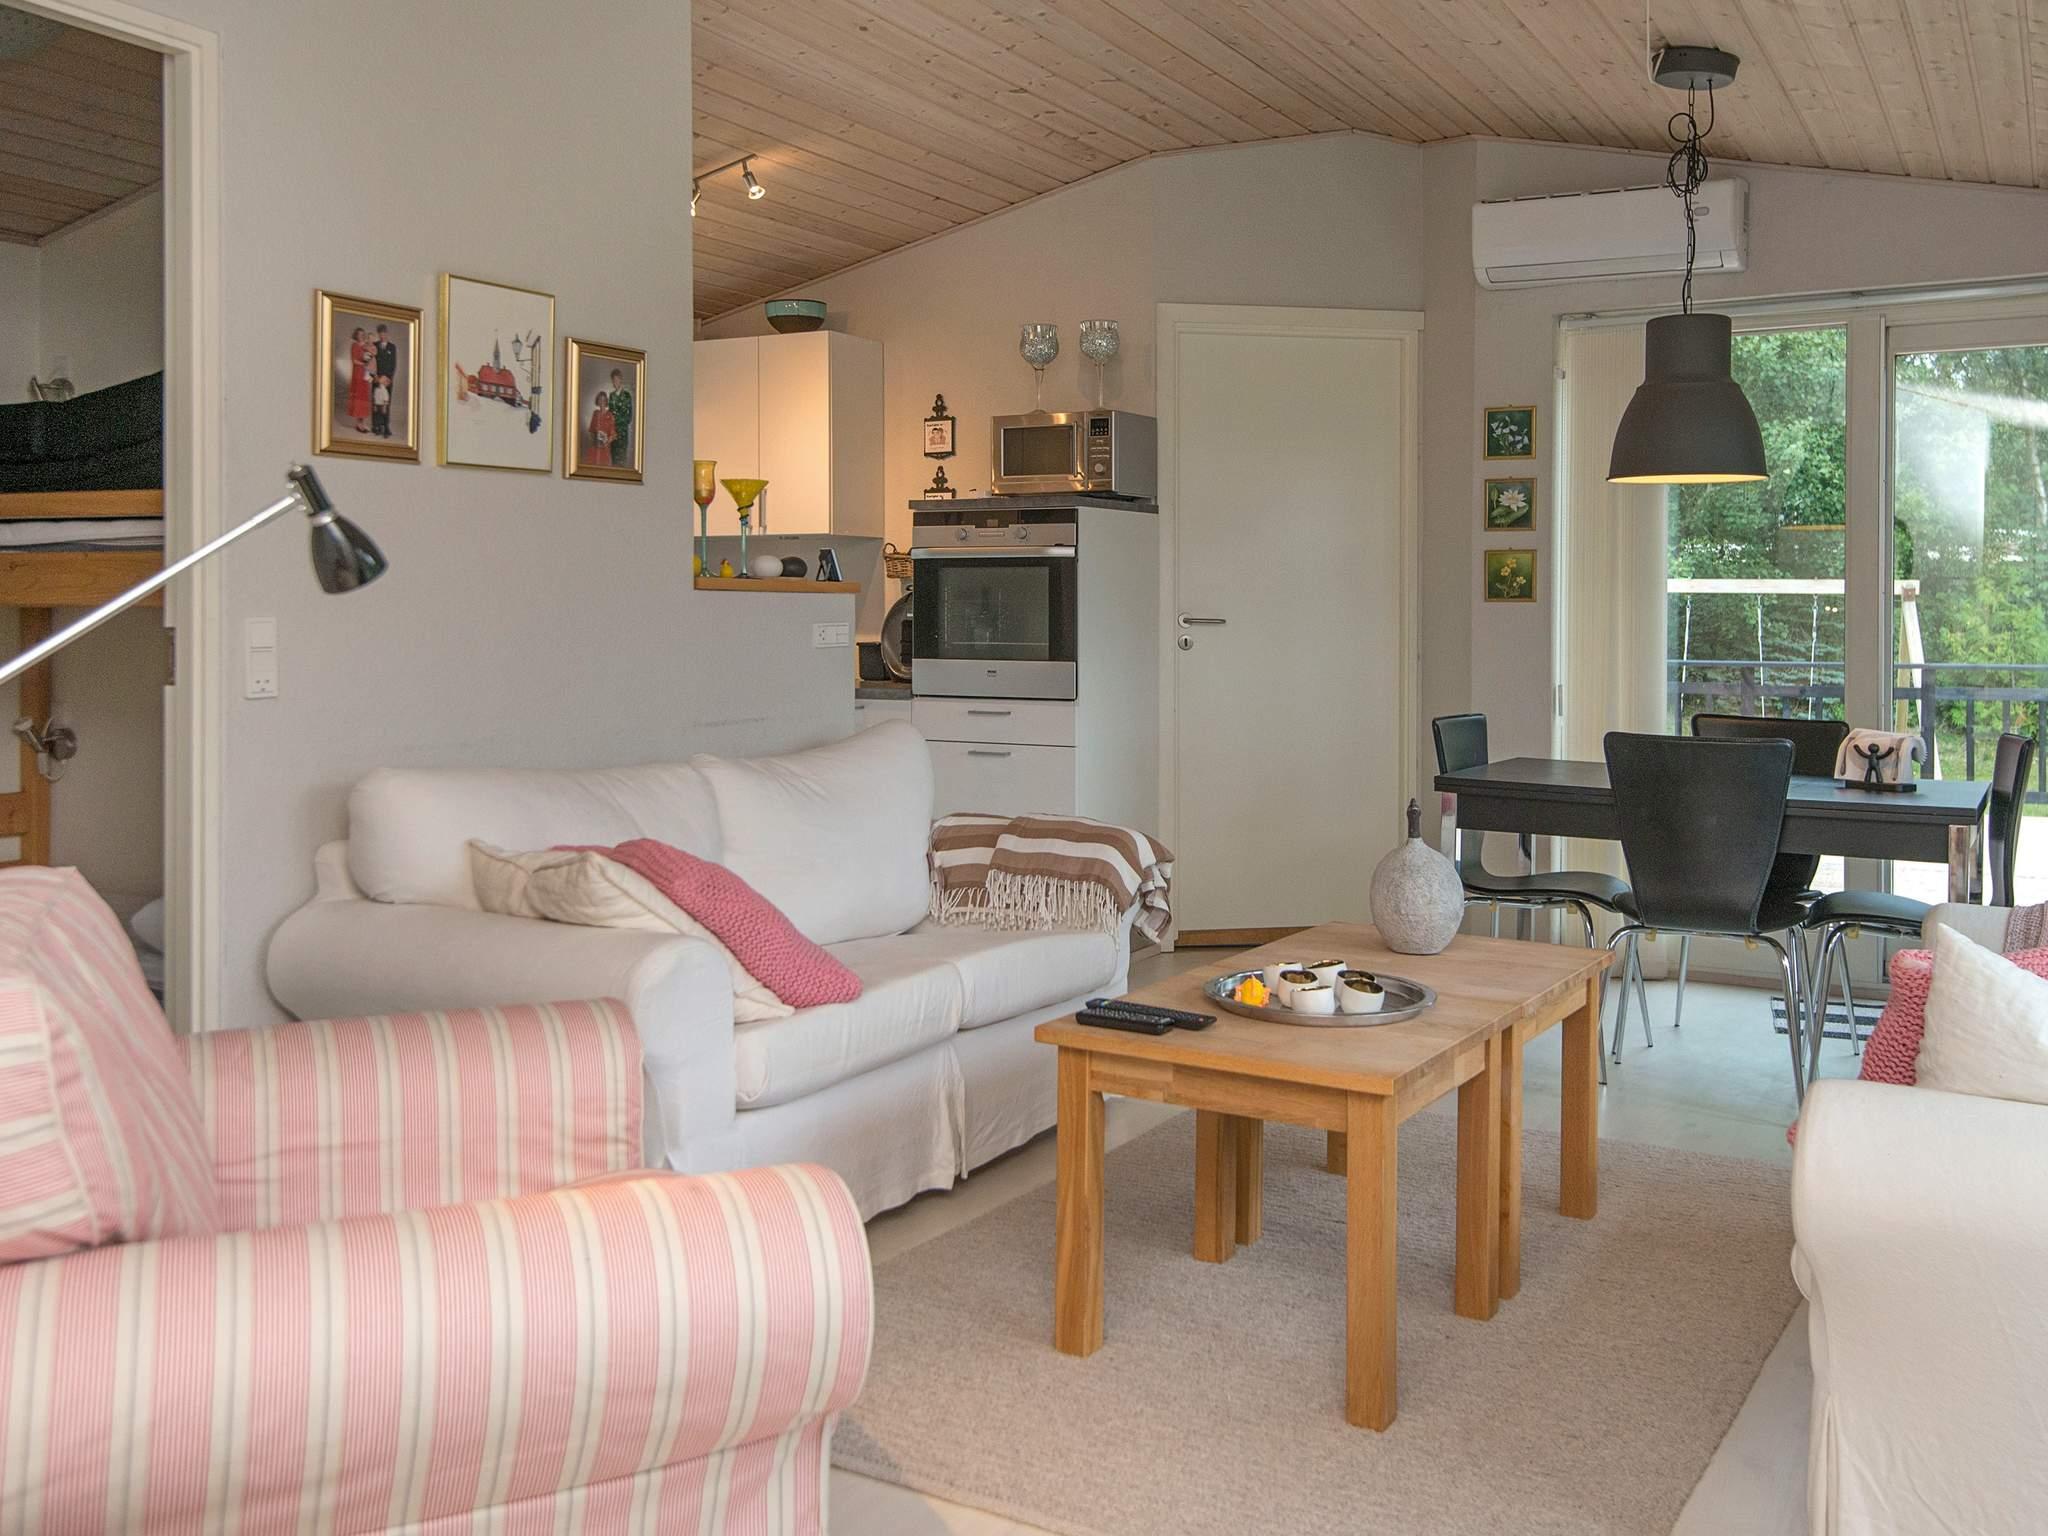 Ferienhaus Ebeltoft (487397), Ebeltoft, , Ostjütland, Dänemark, Bild 3